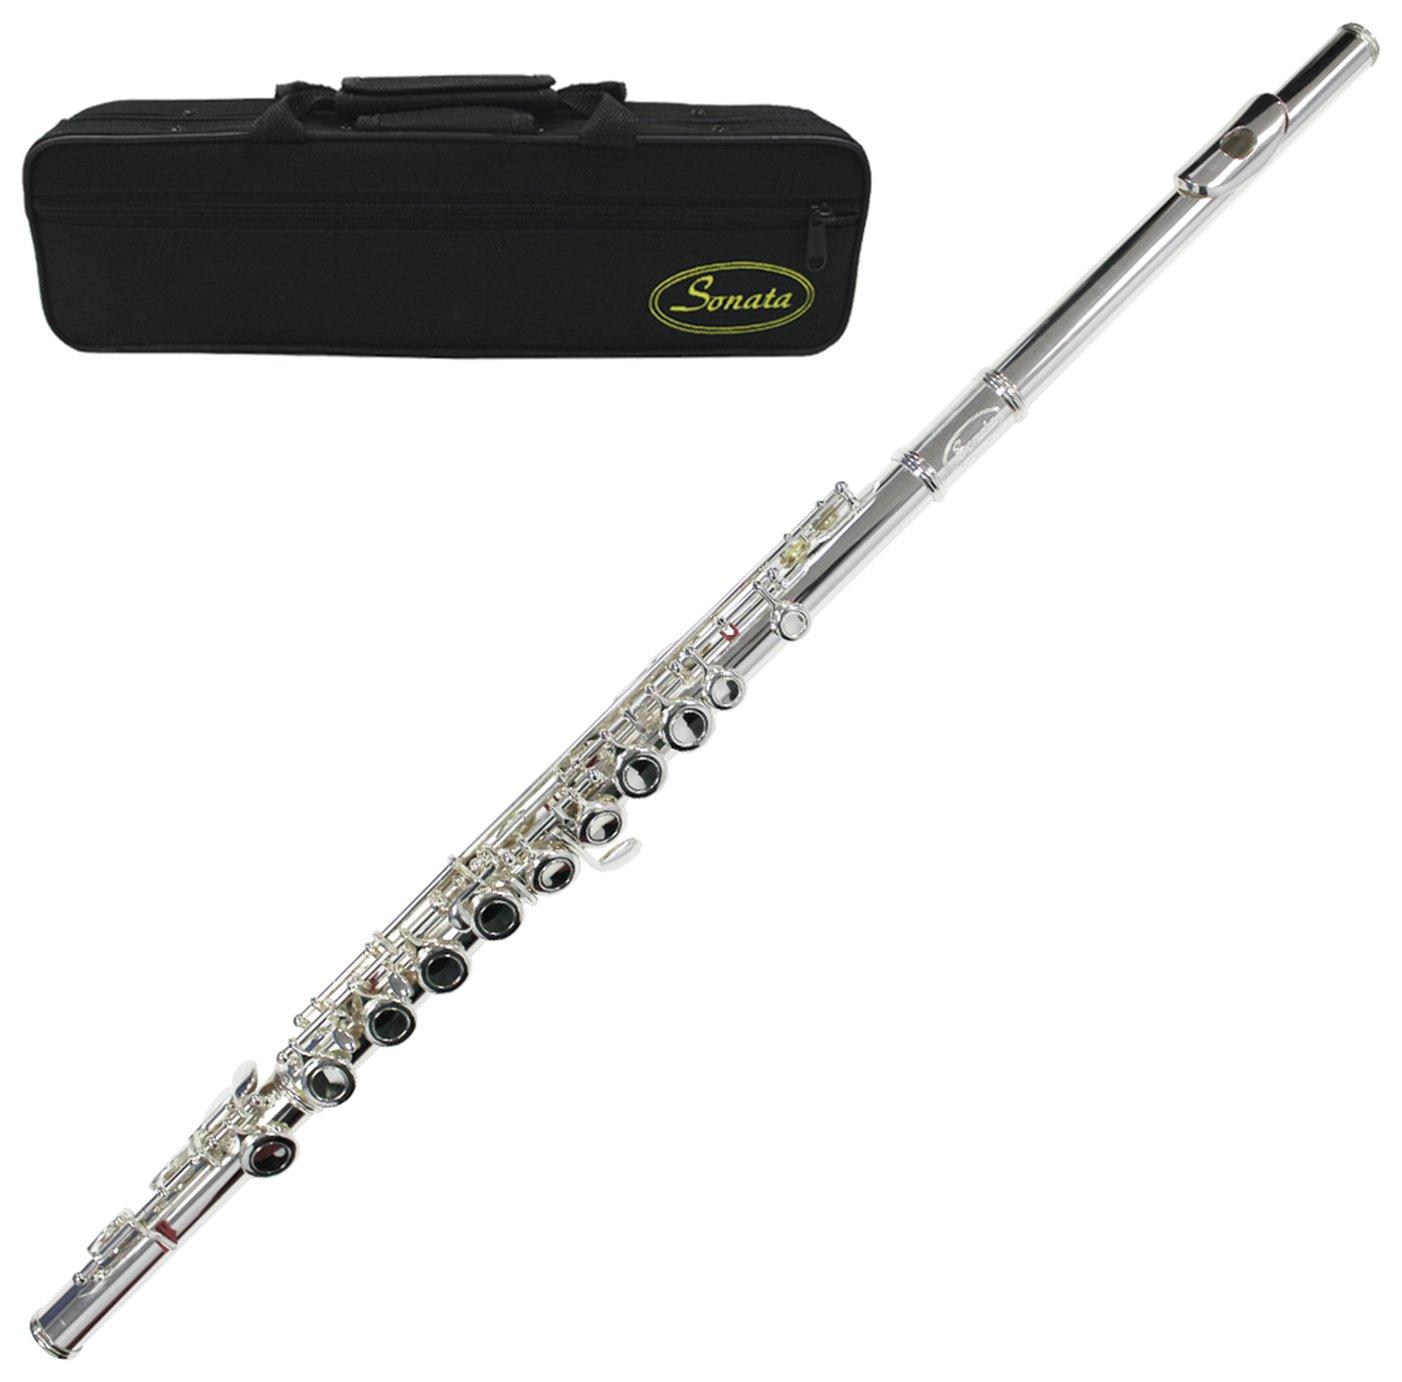 Sonata Student Flute - Silver Plate